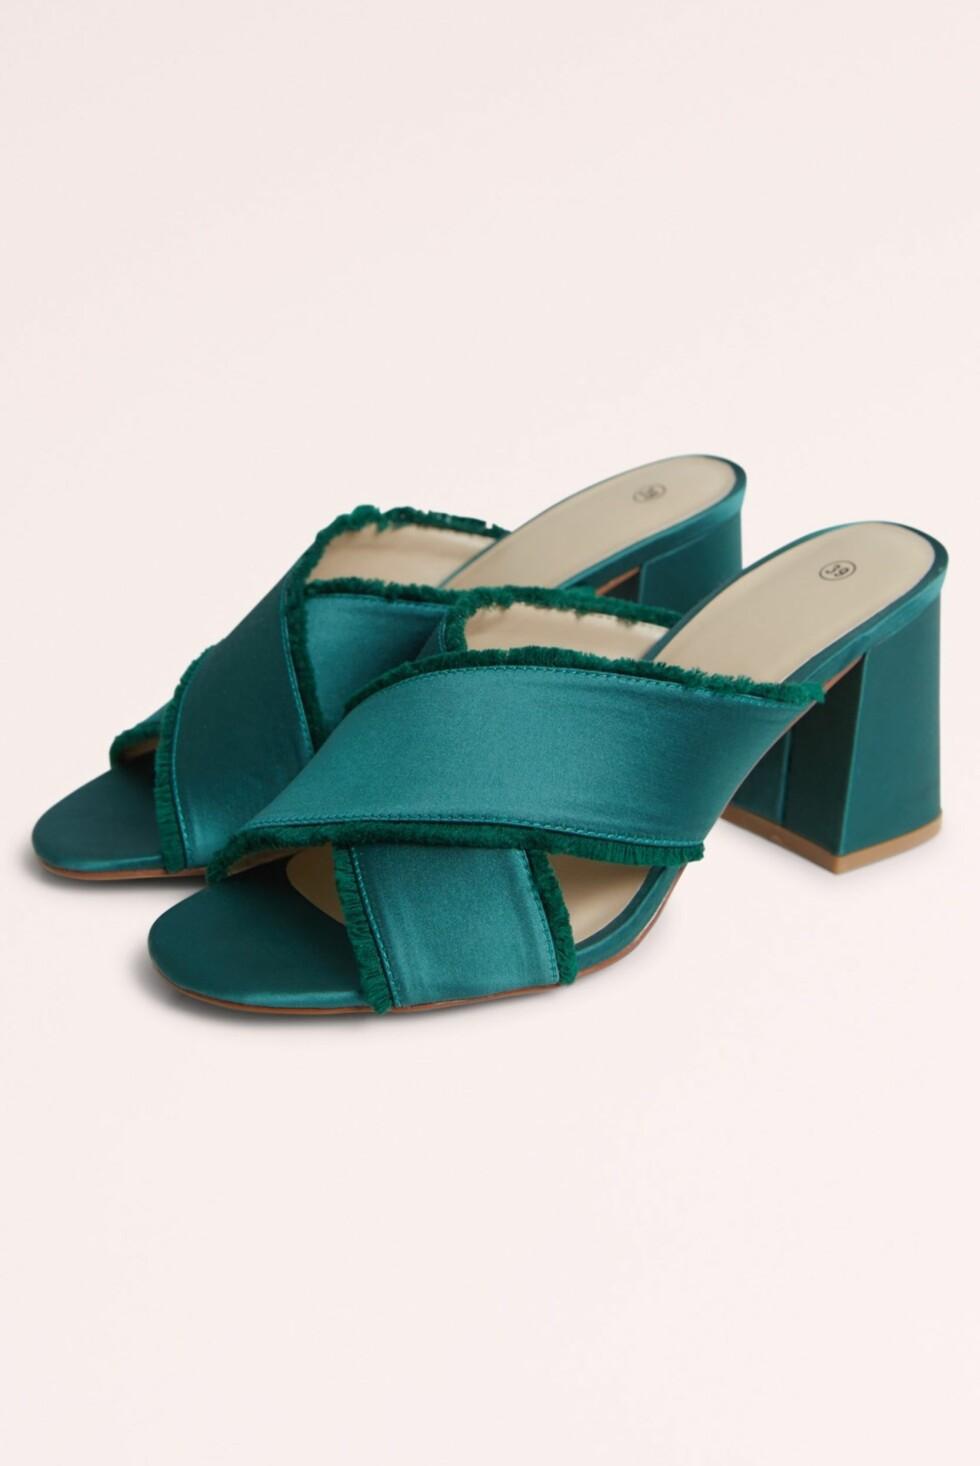 Sko fra Gina Tricot  399,-  https://www.ginatricot.com/cno/no/kolleksjon/tilbehor/sko/alva-high-heel-mules/prod801186000.html